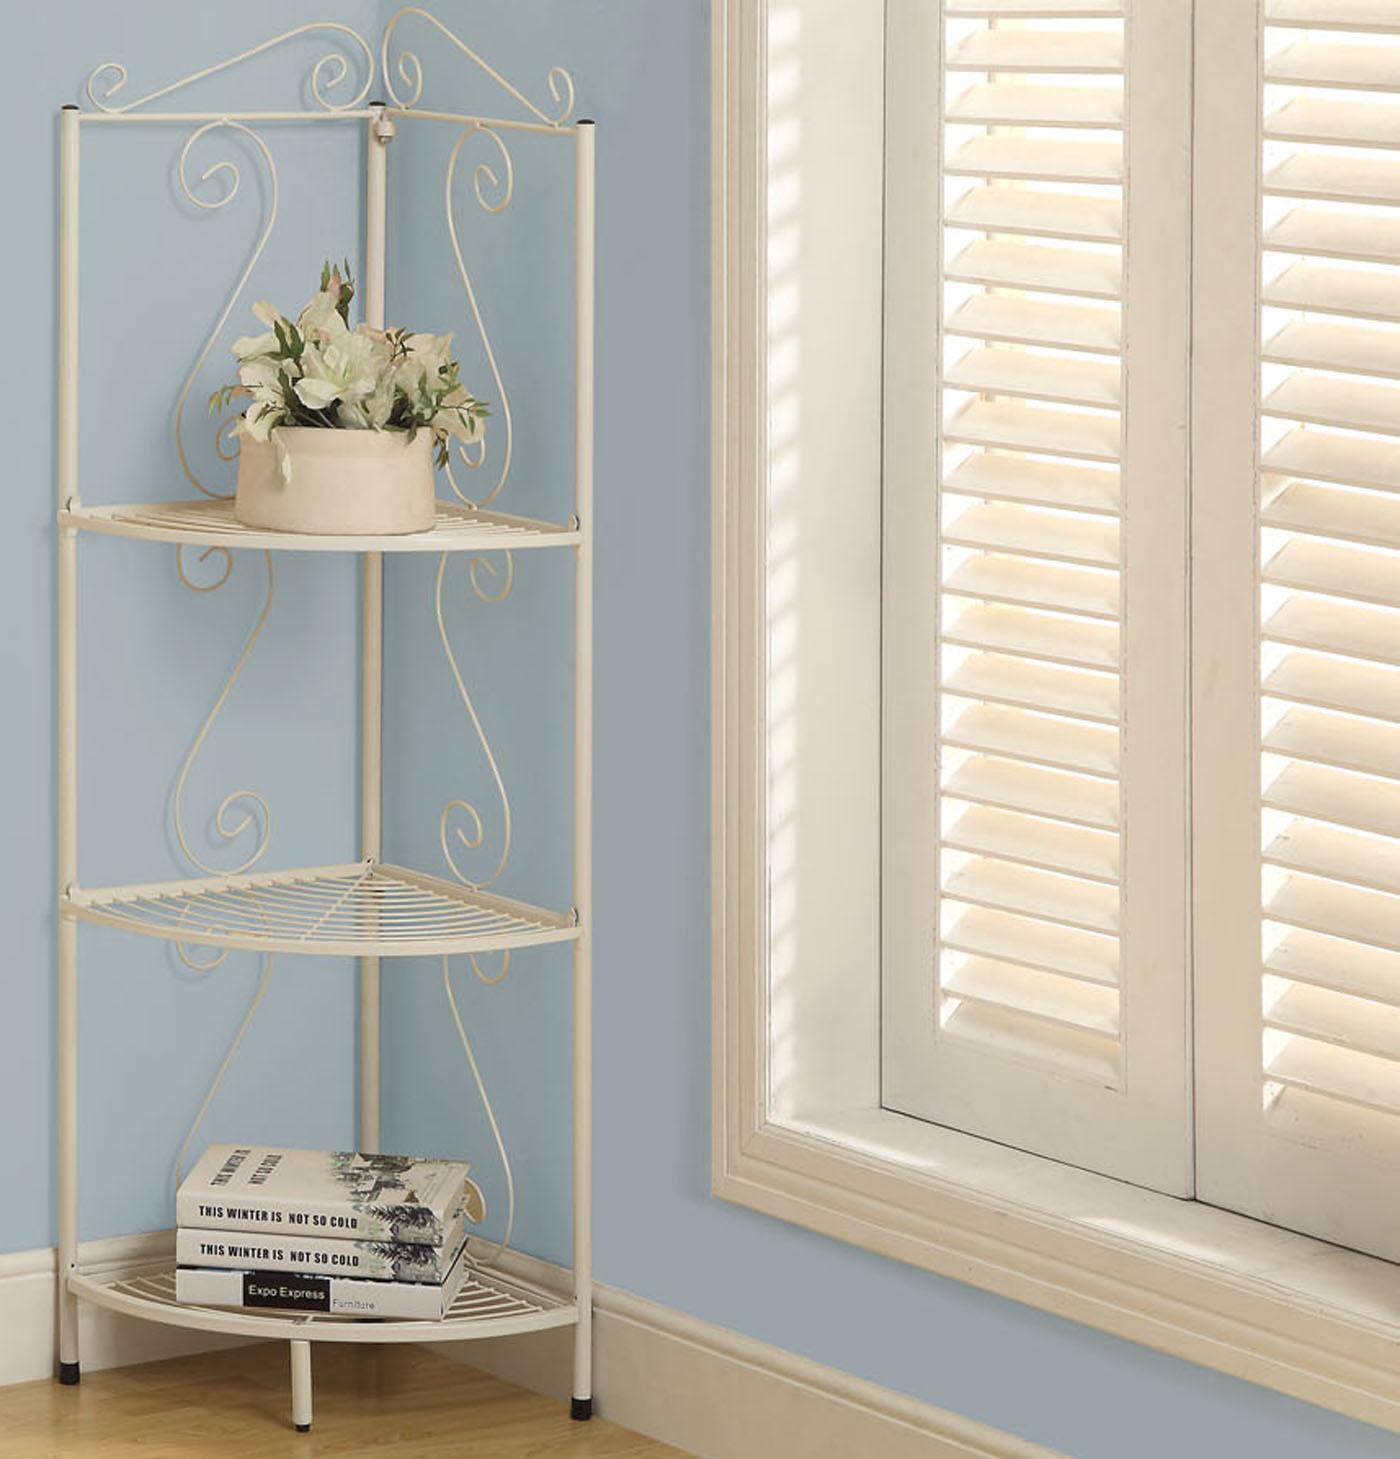 metal 48 inch corner display etagere in bathroom shelves. Black Bedroom Furniture Sets. Home Design Ideas